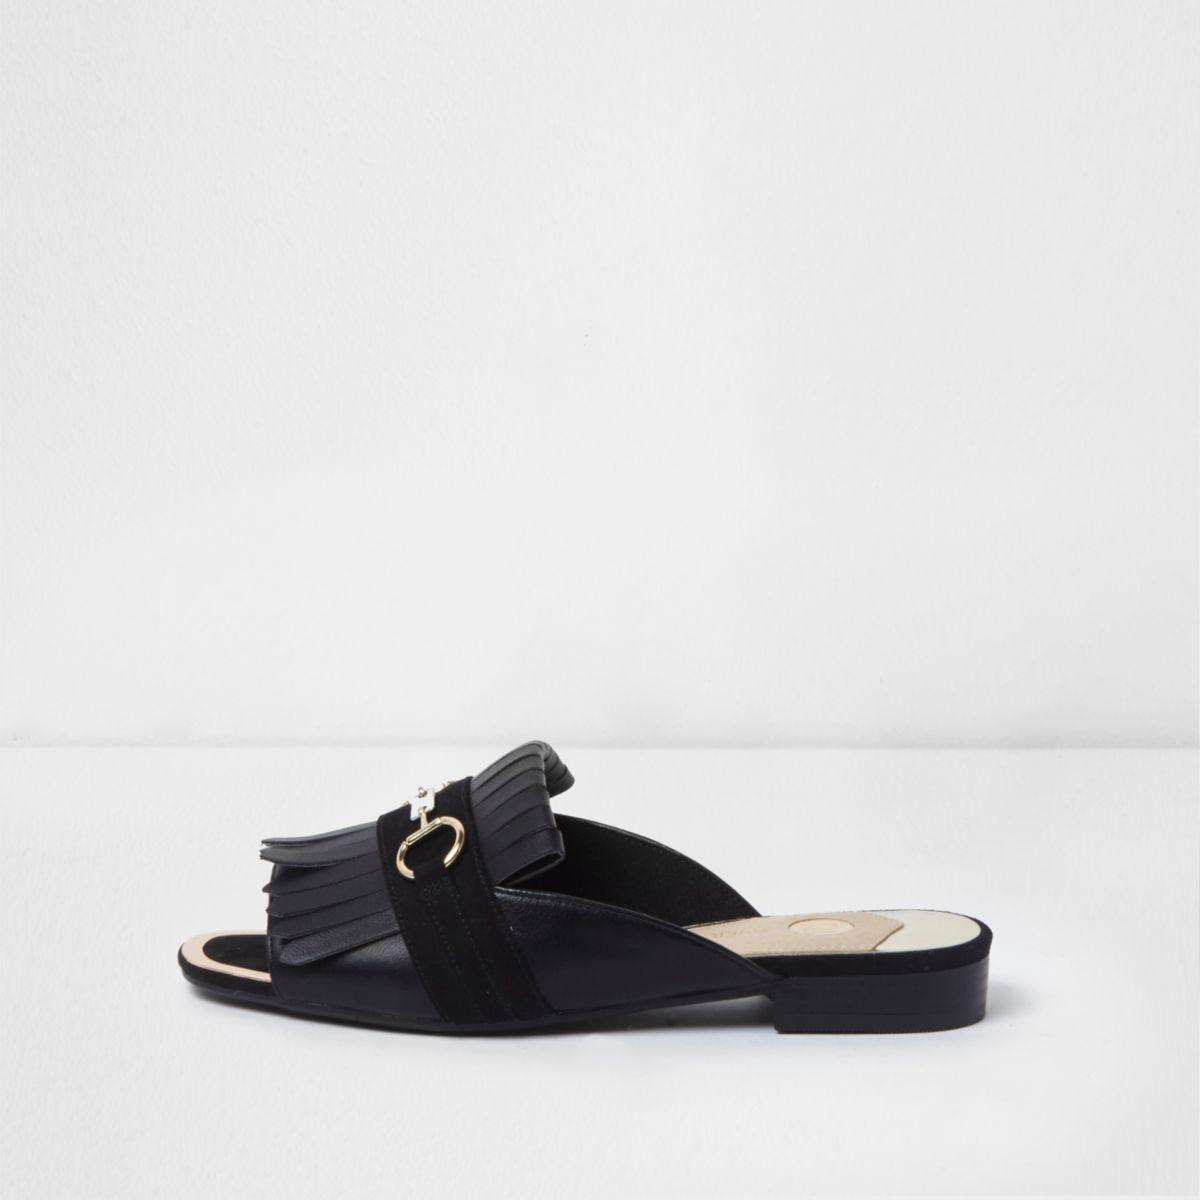 Zwarte peeptoe loafers met franje zonder hiel